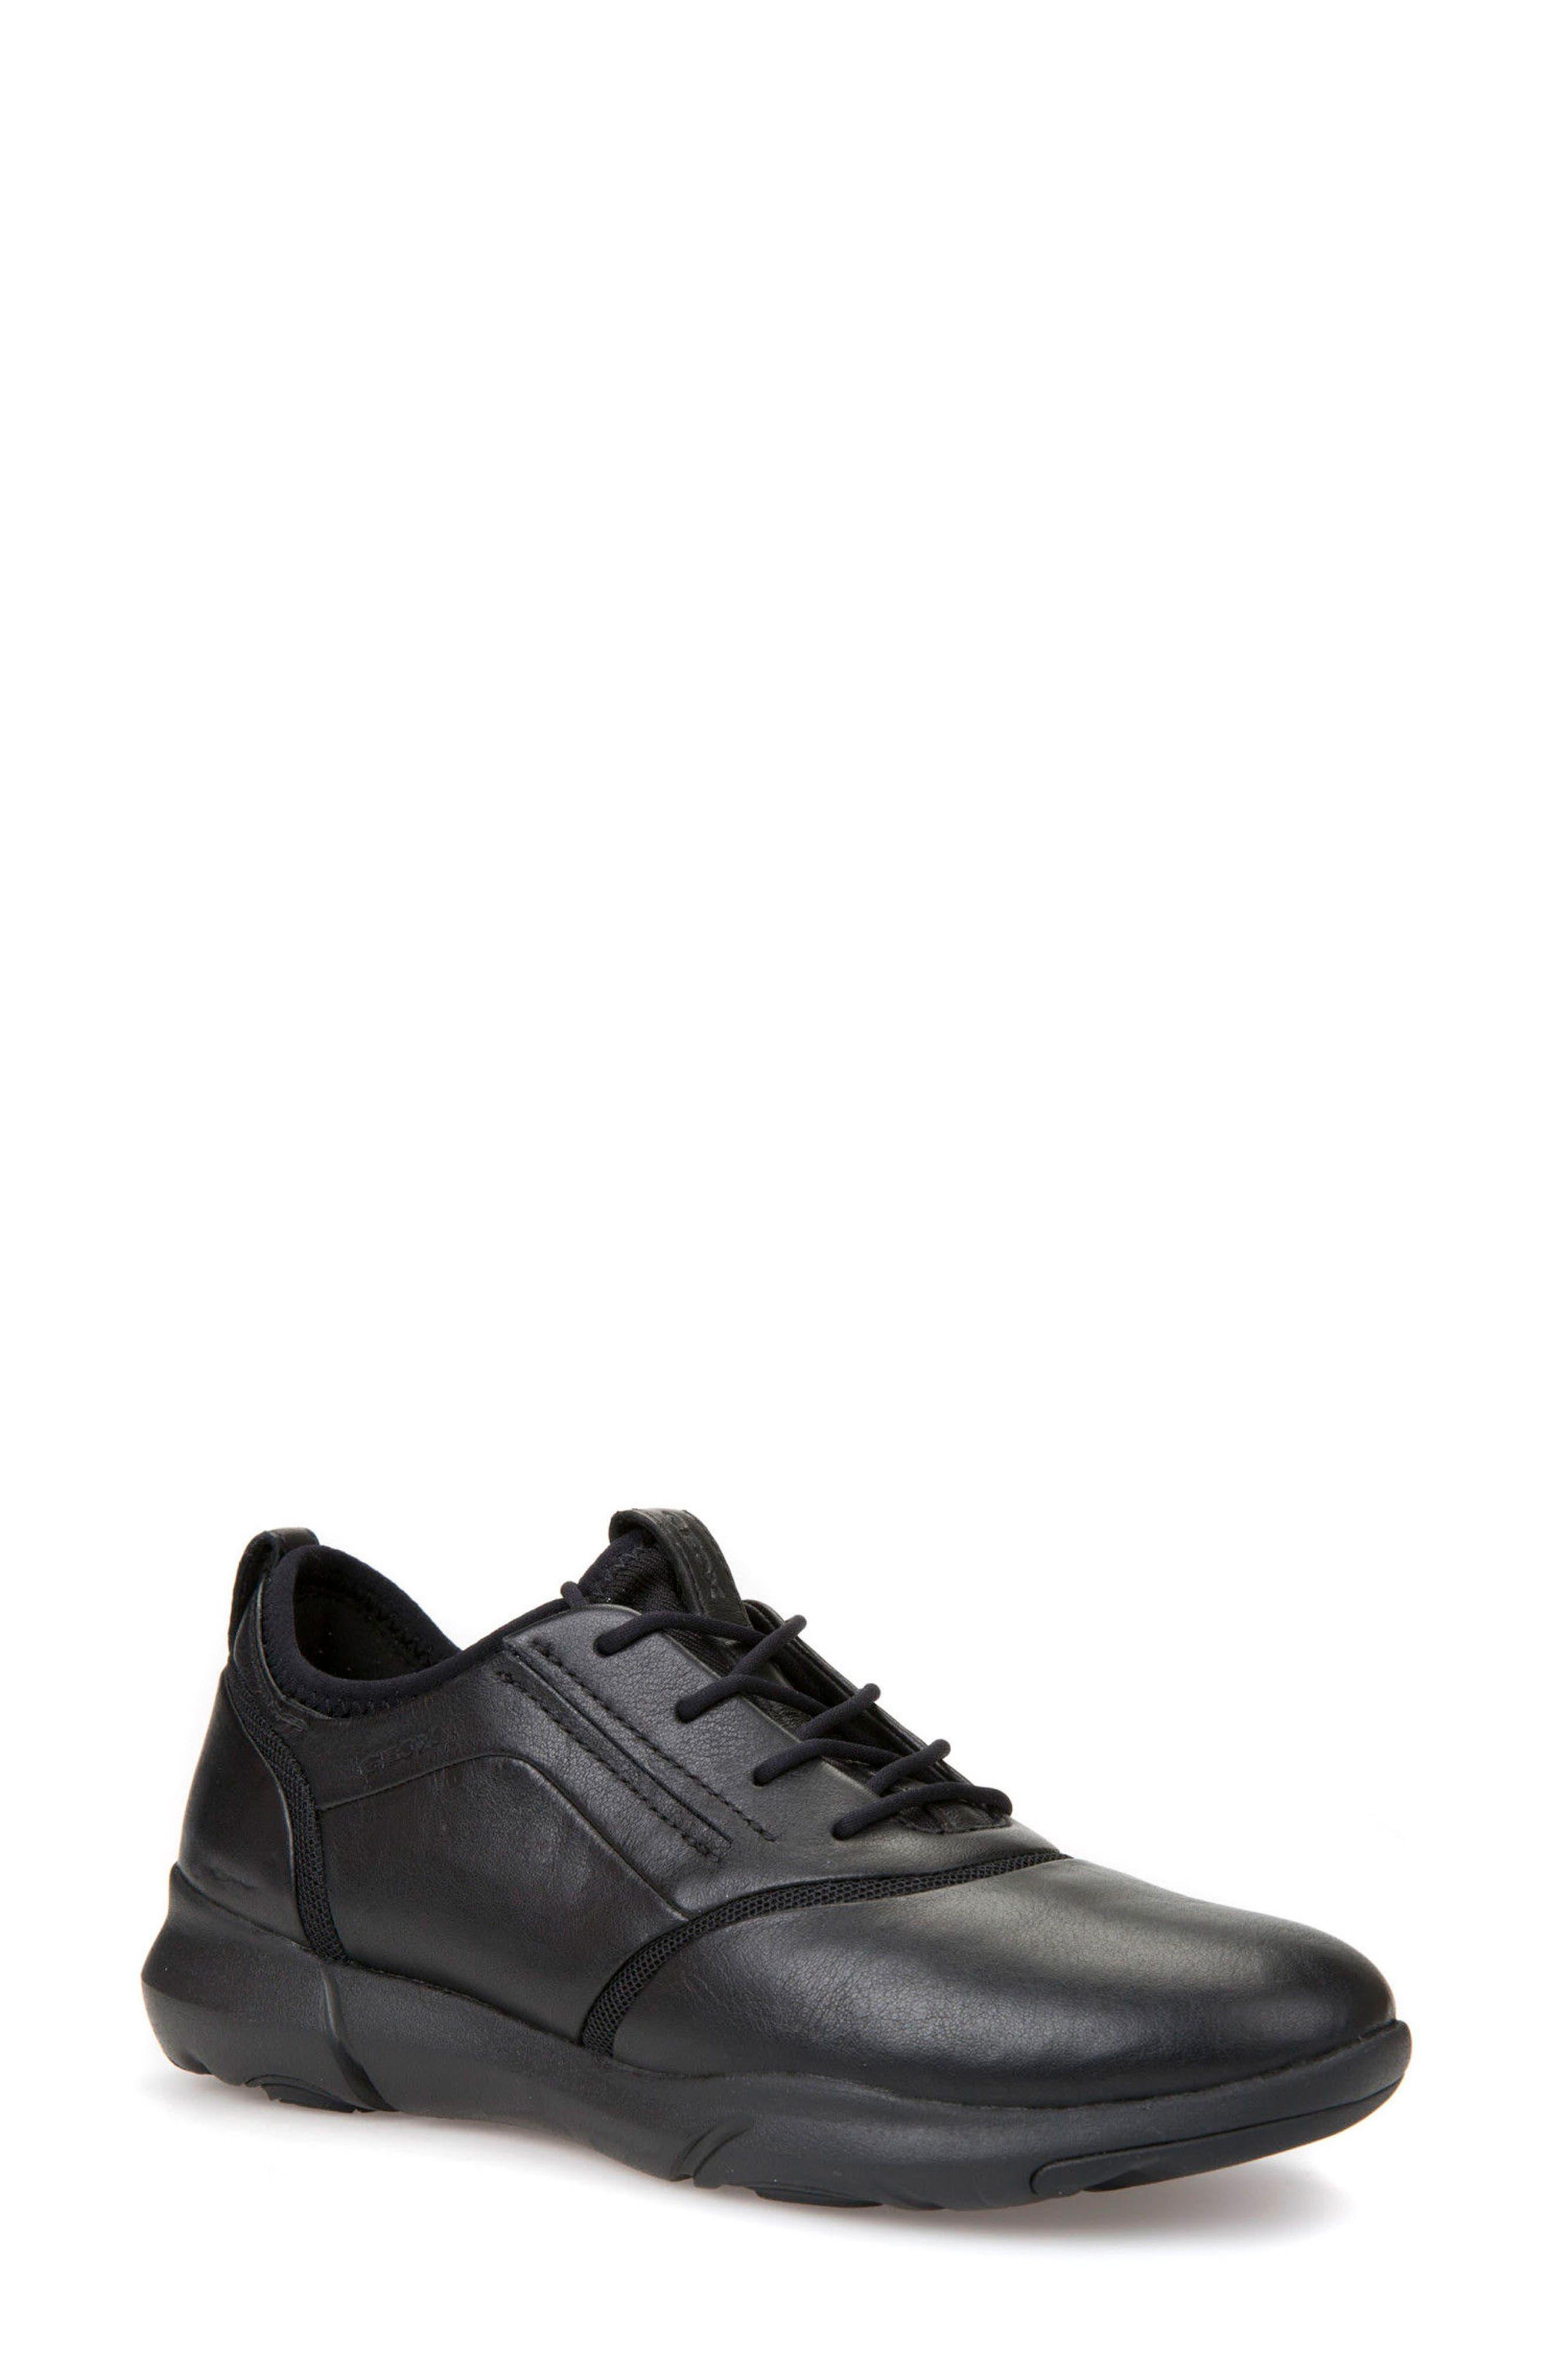 Nebula S 2 Low Top Sneaker,                         Main,                         color, 001